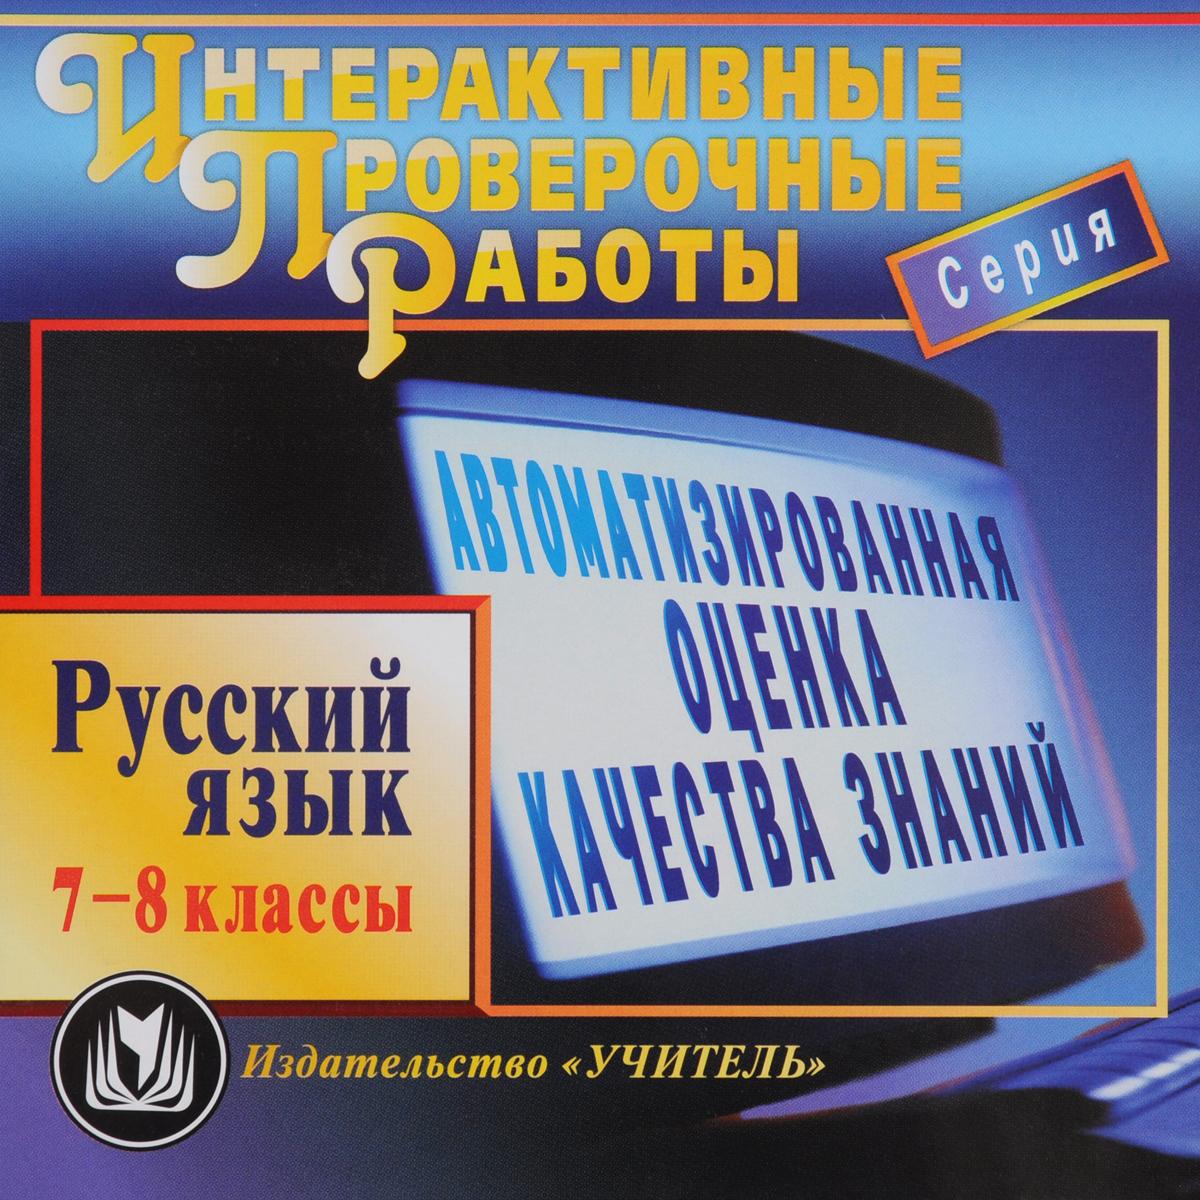 Русский язык. 7-8 классы. Автоматизированная оценка качества знаний. Новые перспективы в обучении